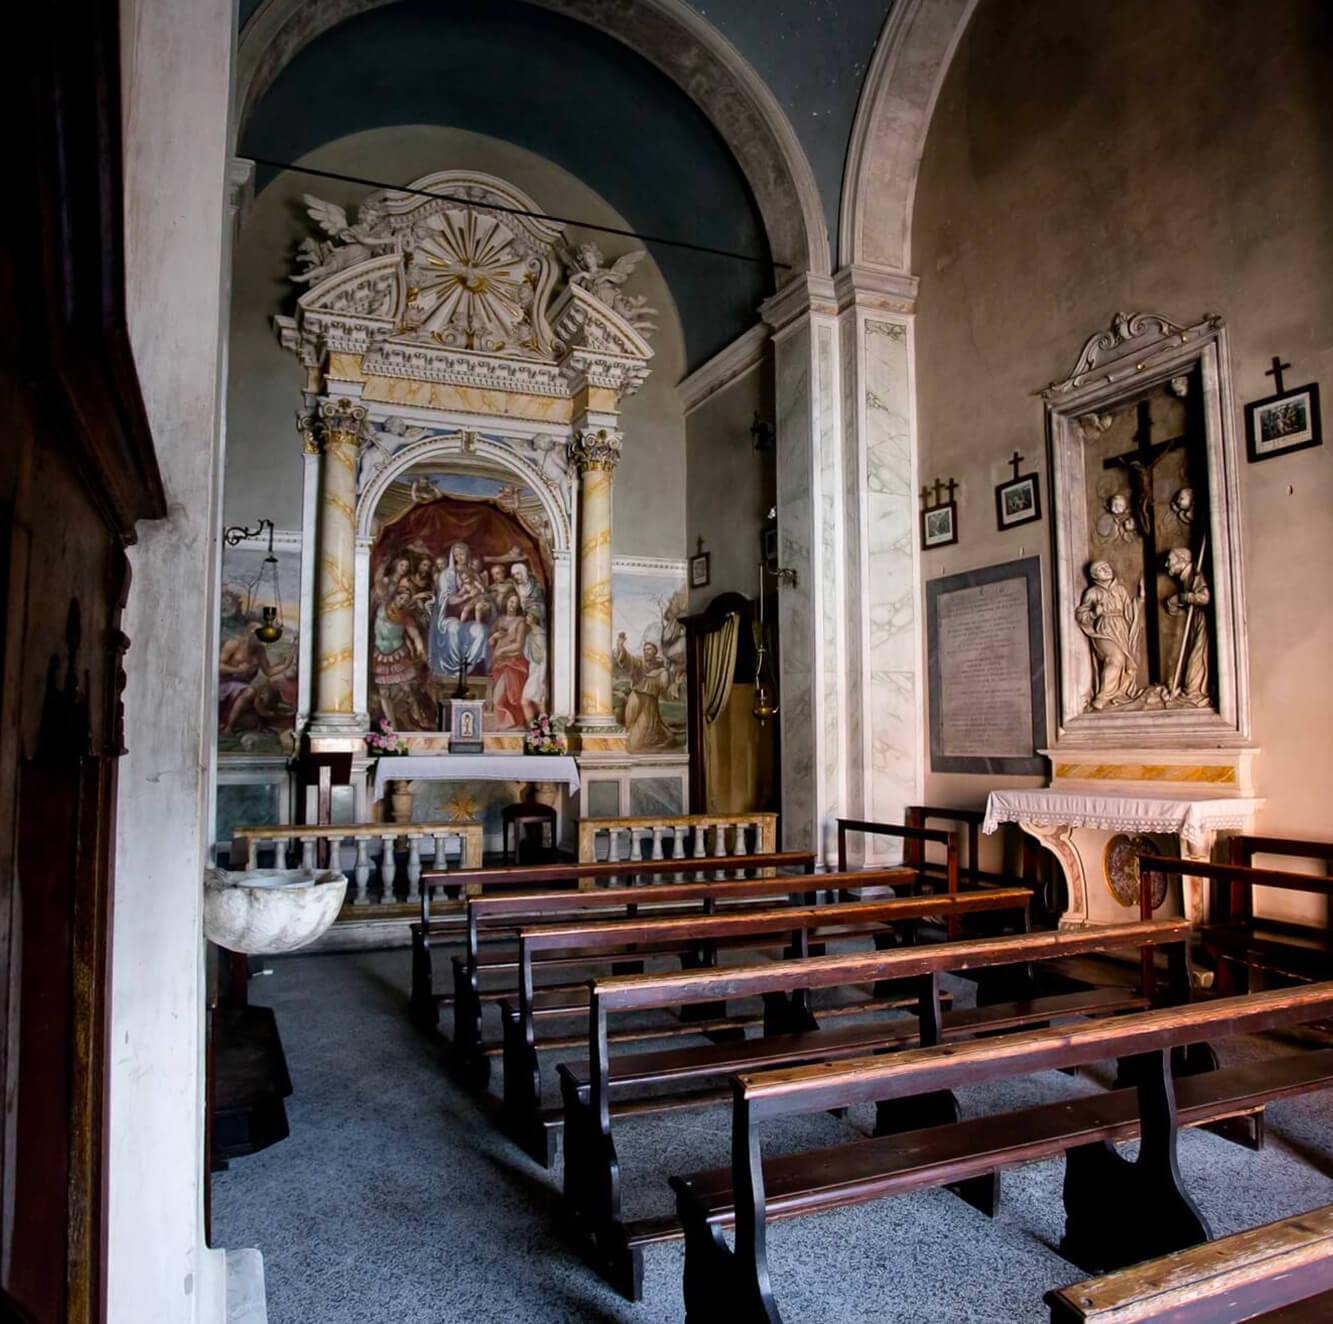 Le più suggestive chiese per Matrimonio in Val di Chiana. Giulia Alessandri, Wedding Planner: progettazione e coordinazione matrimoni in Toscana.